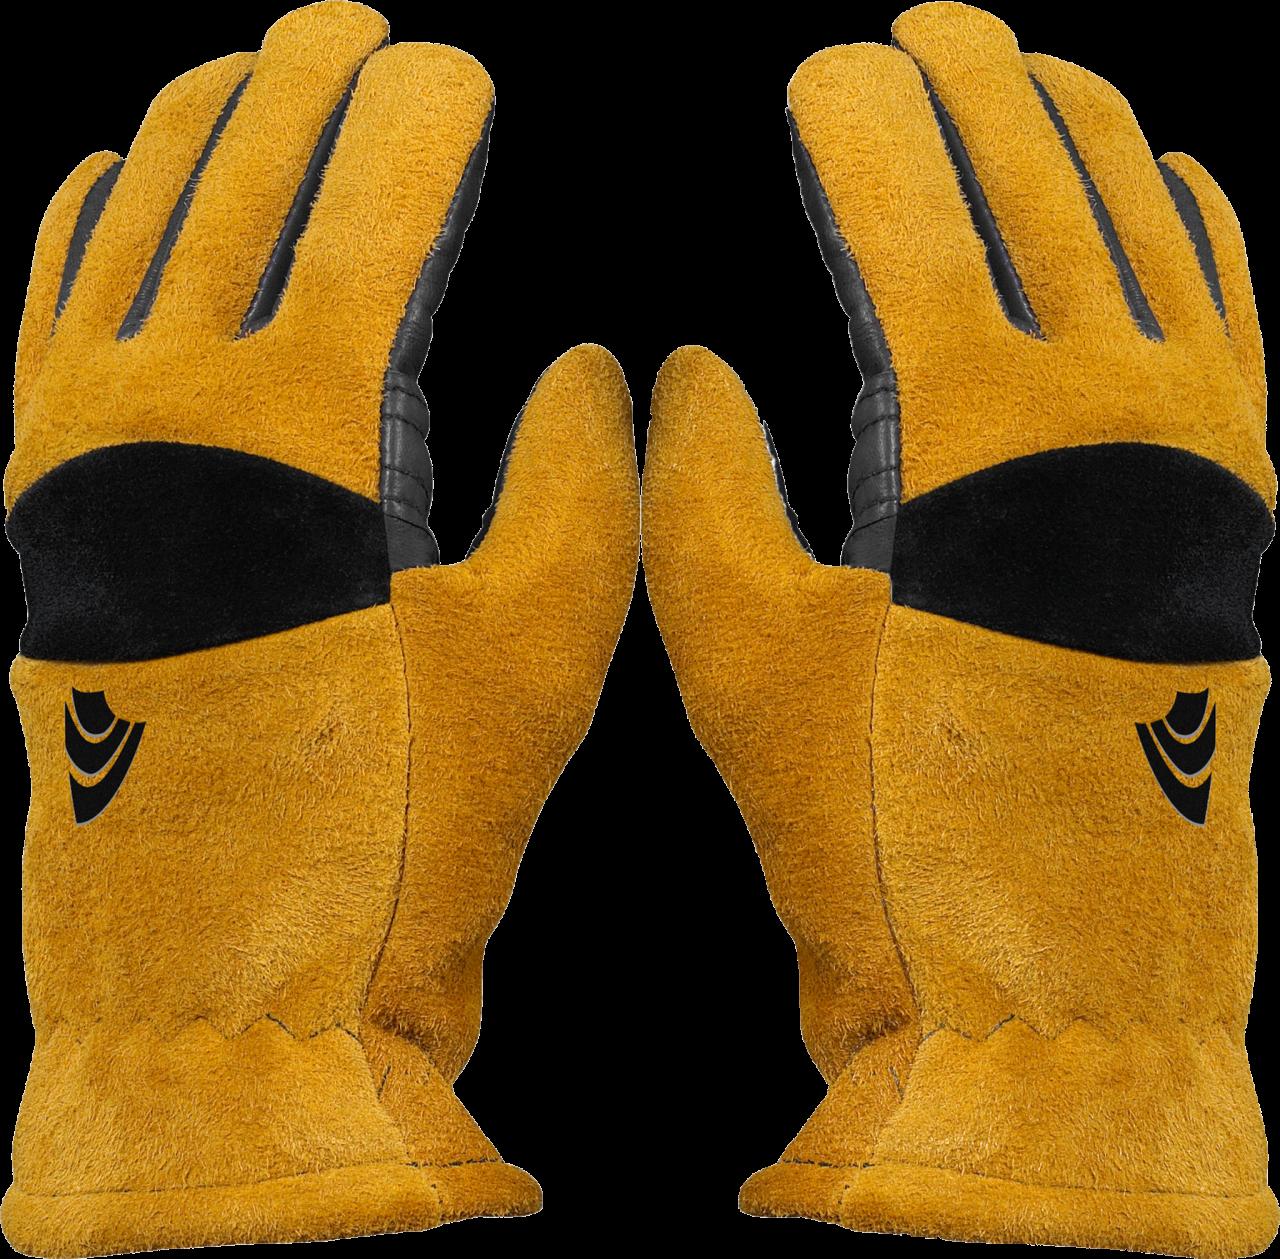 Gloves PNG Image